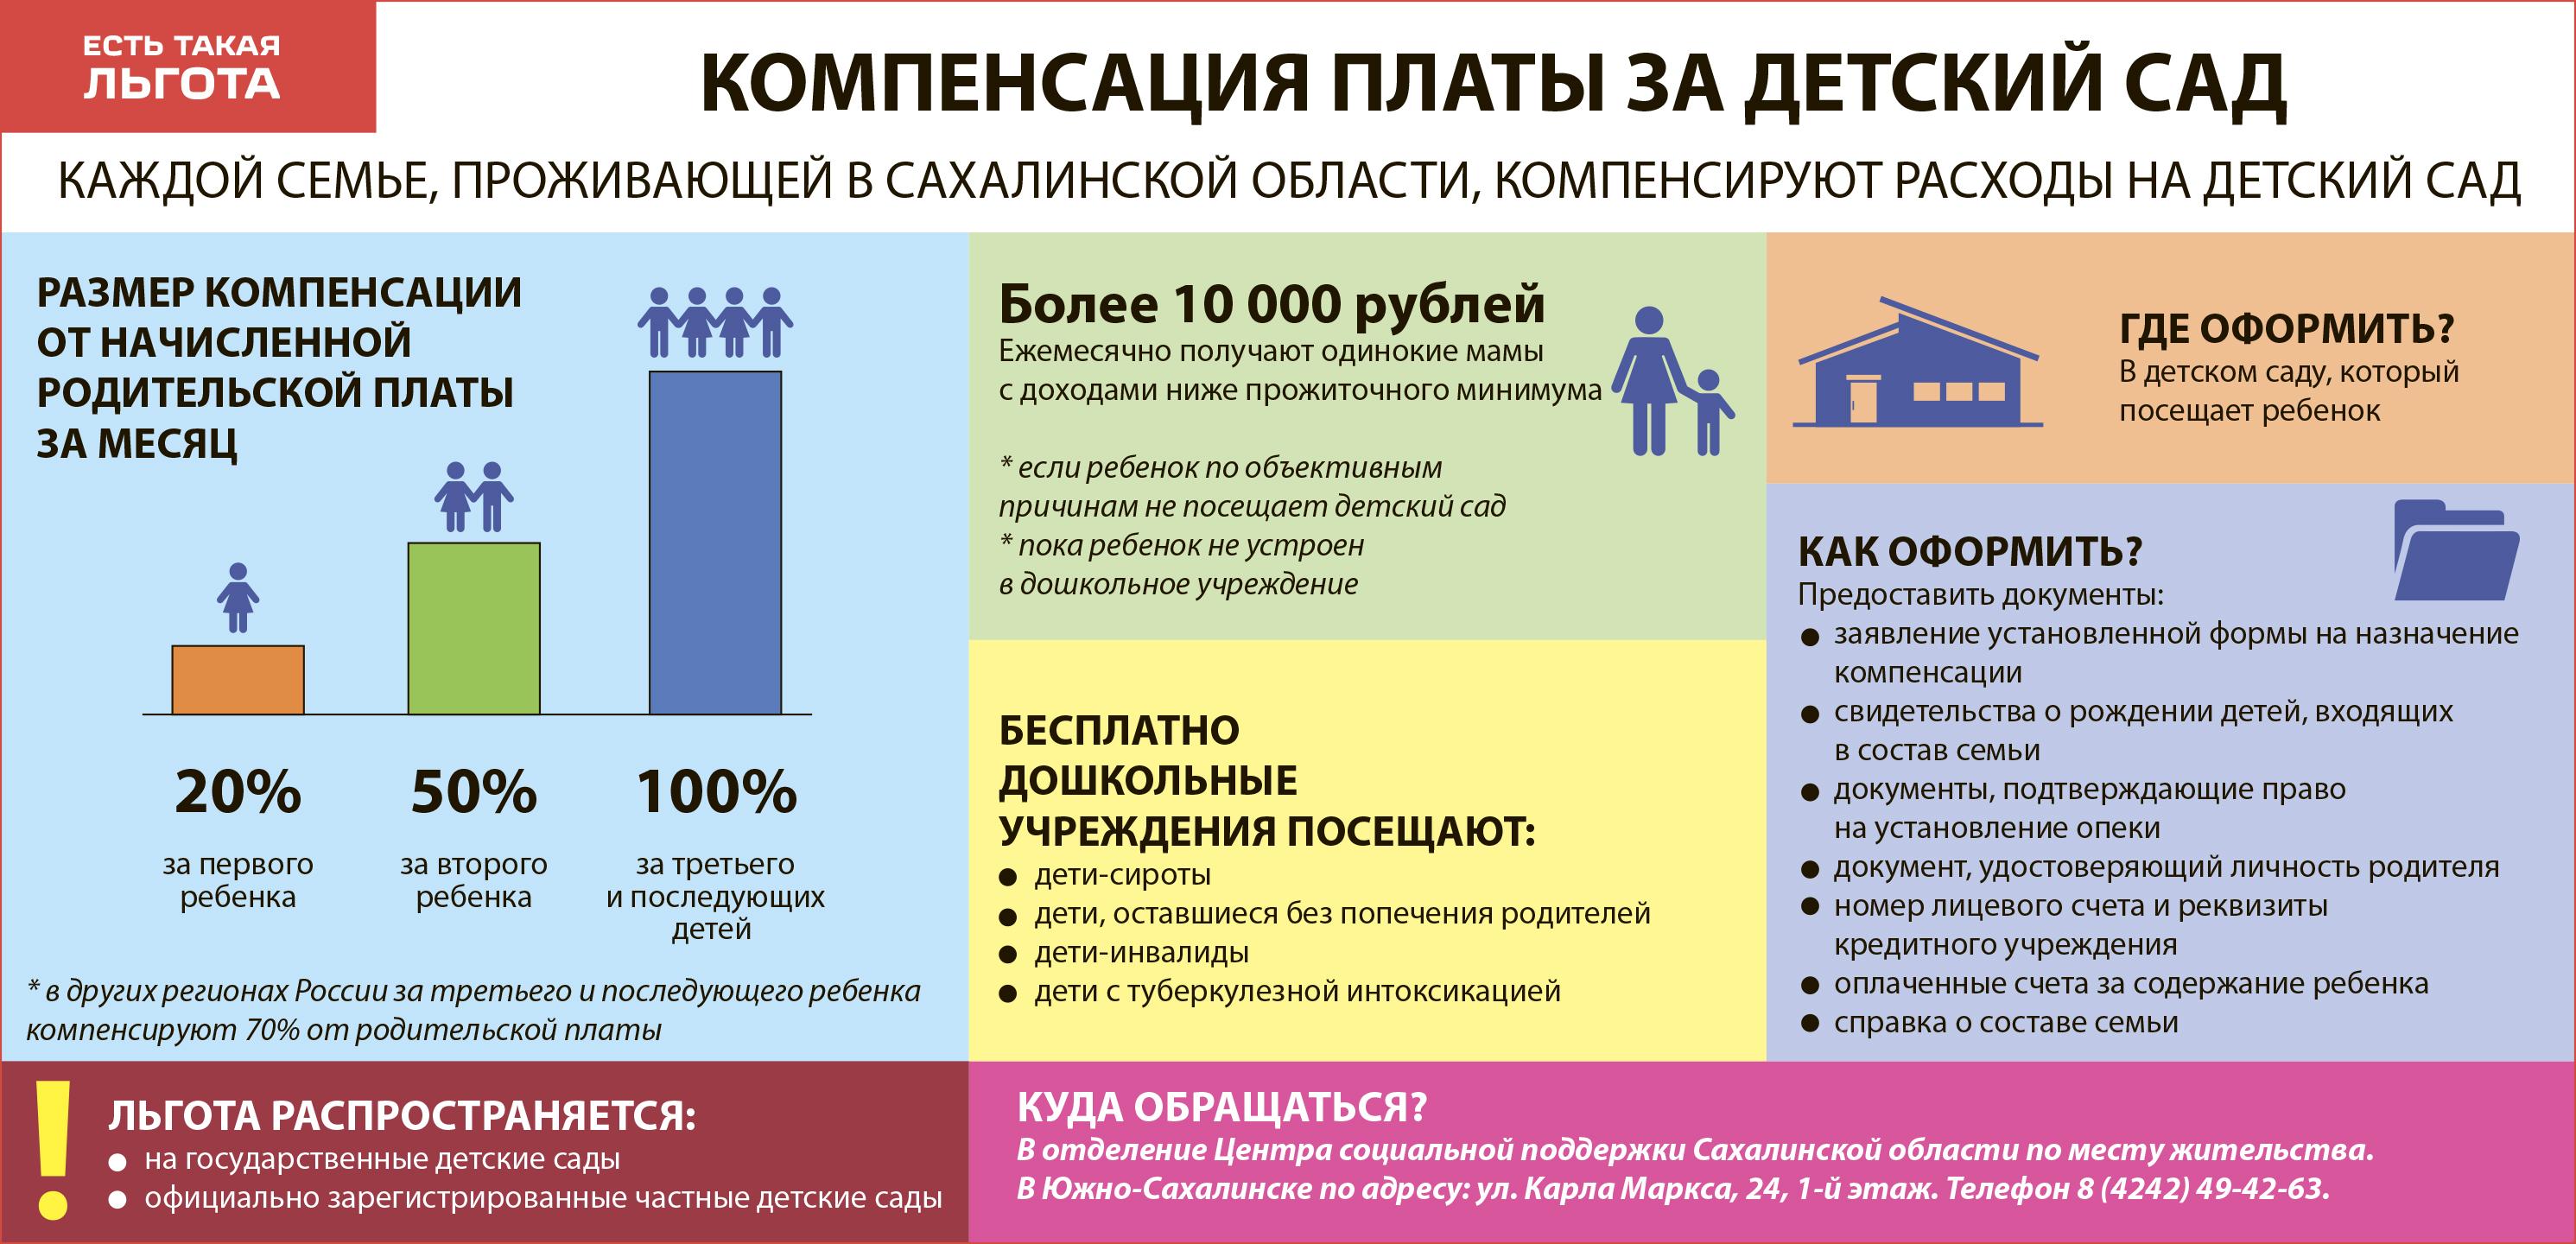 Как вернуть компенсацию за детский сад в 2018 году